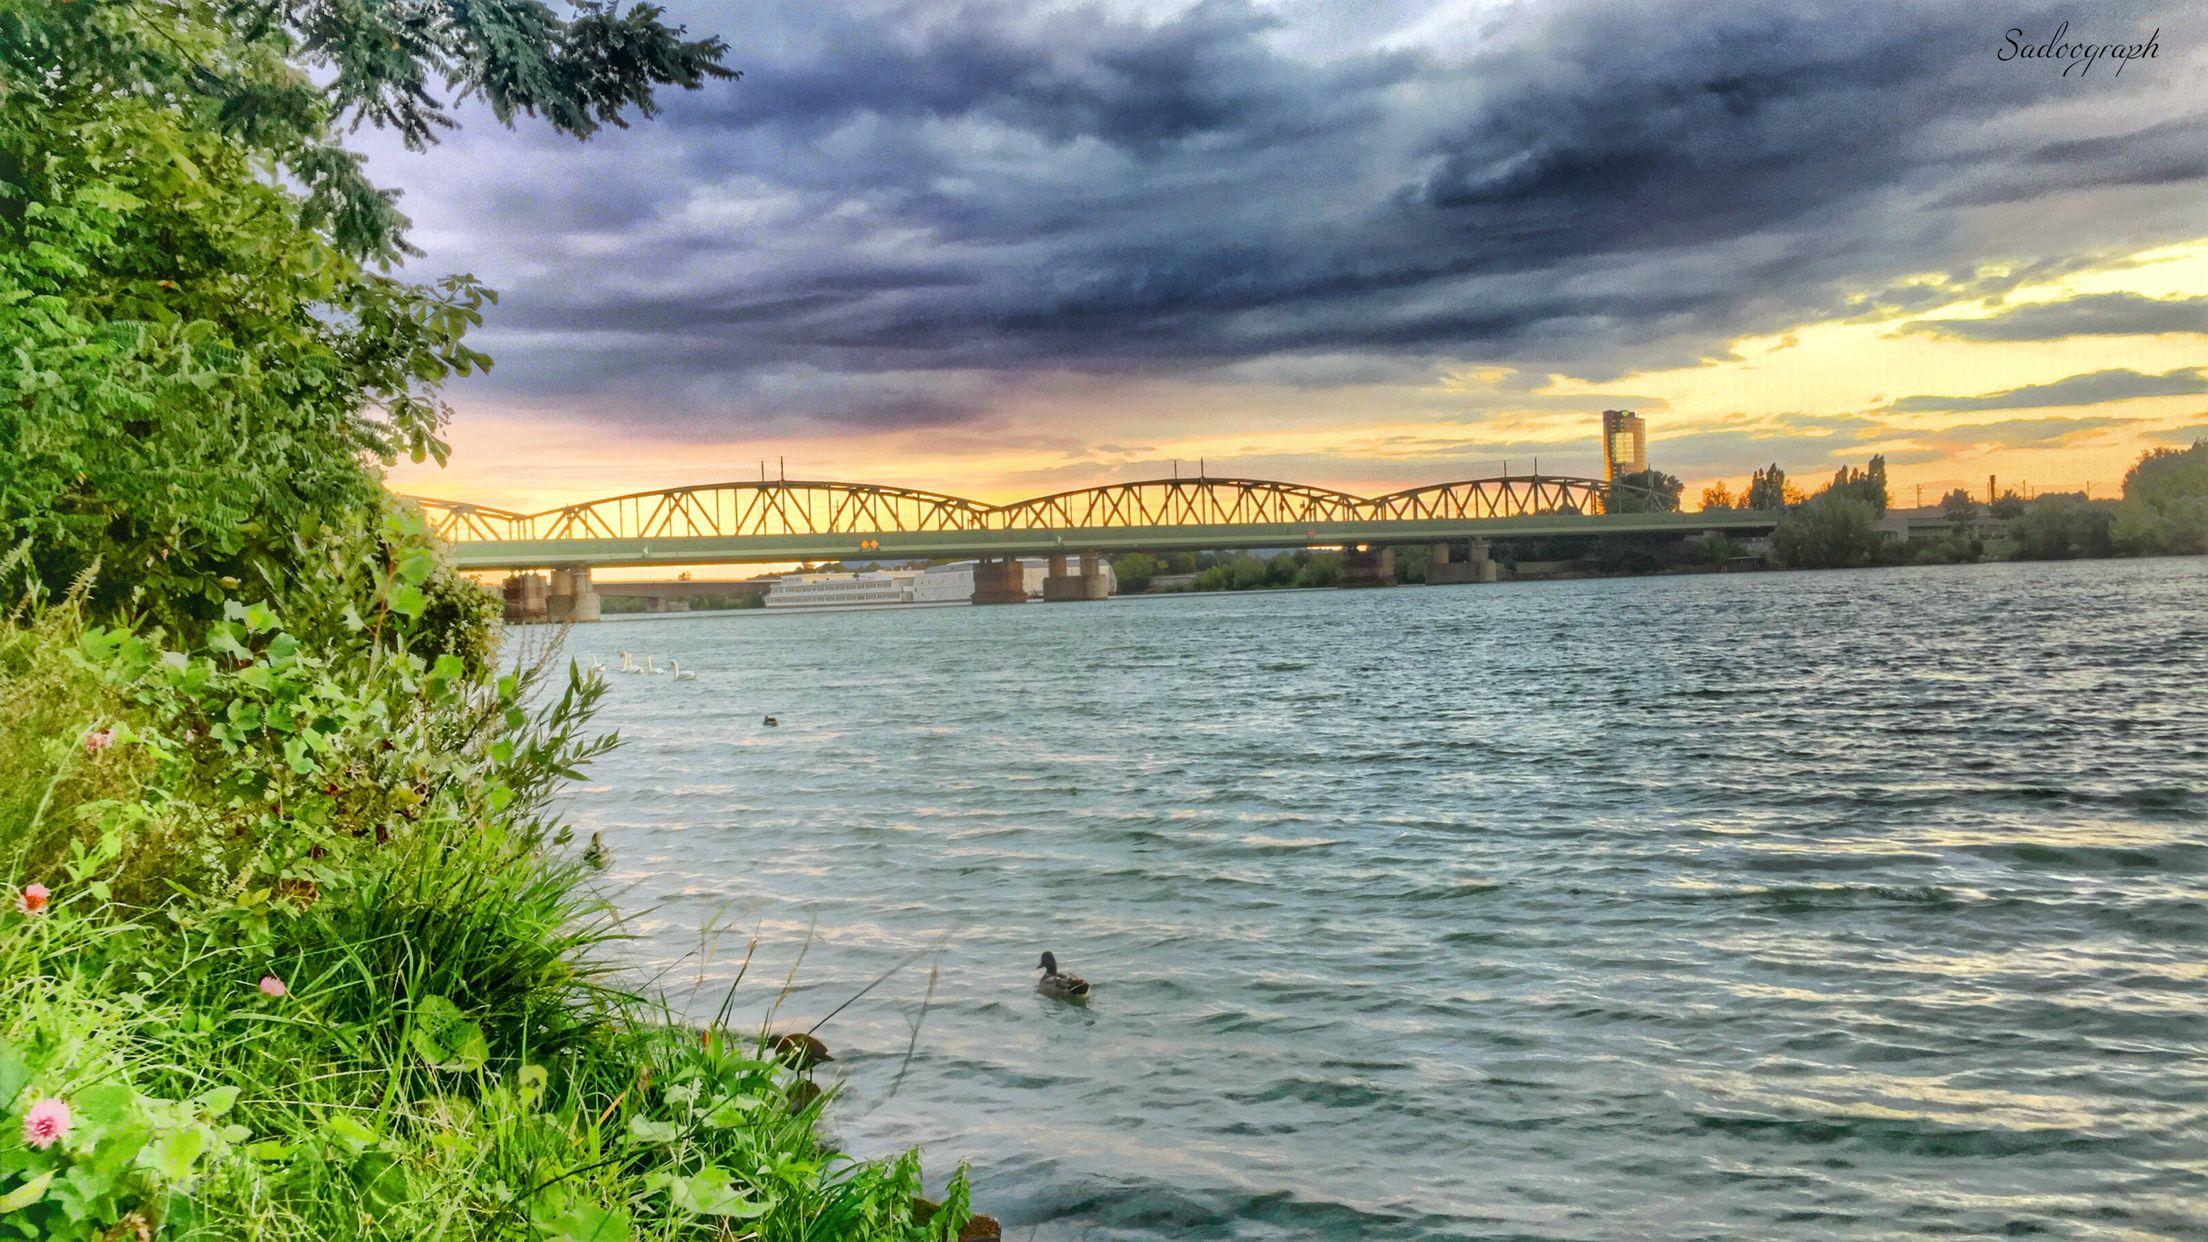 Sonnenaufgang, Sonnenuntergang, Beginn und Ende, eines alten und neuen Lebens. - - - - #danube #river #sunset #nature #objektifimden #ourplanetdaily #igphotoworld #iphonephotography #sadoogrpah